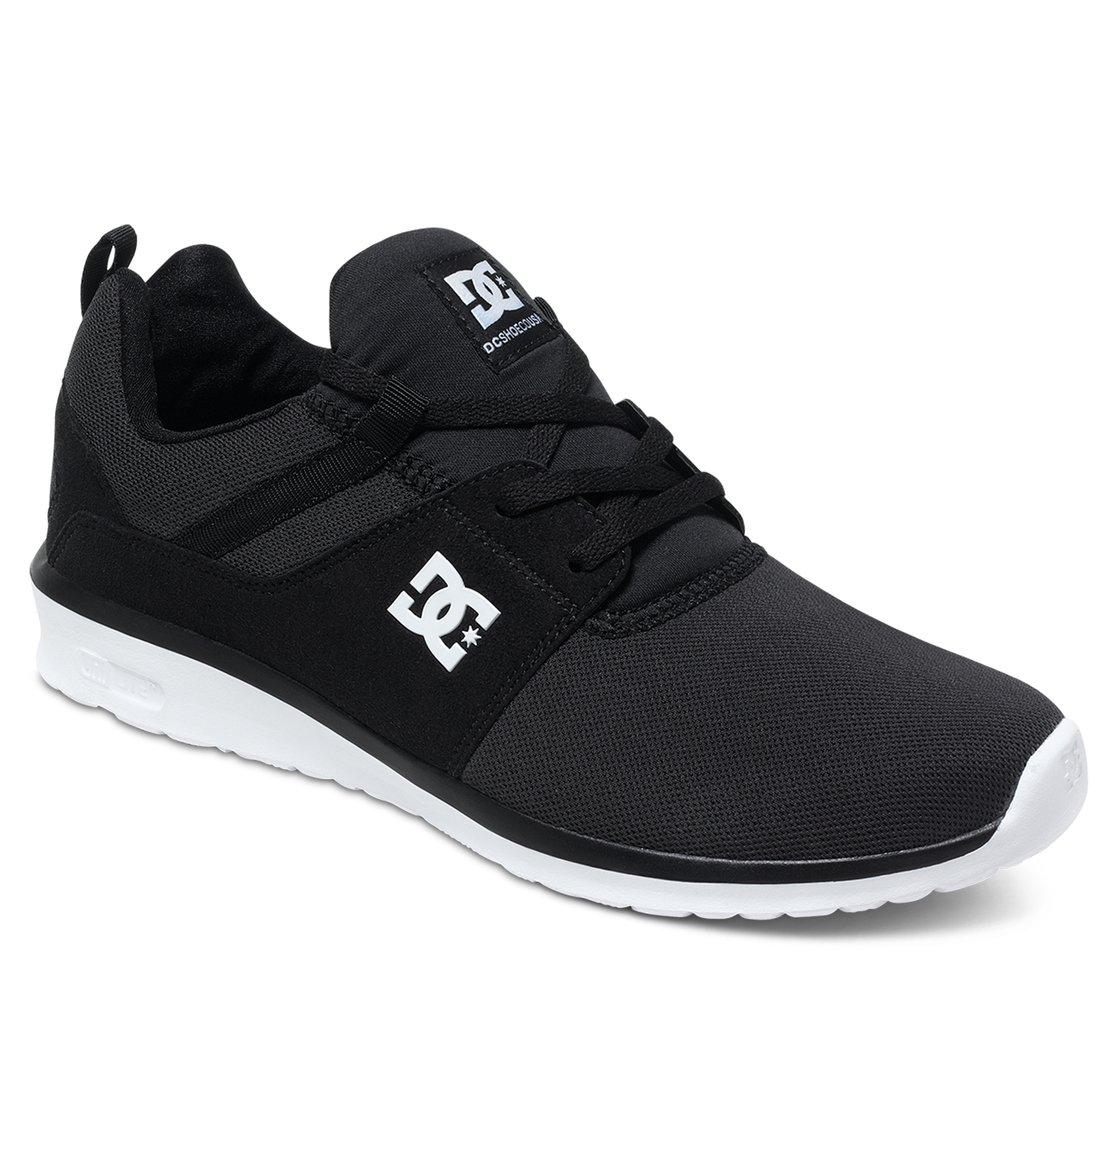 DC Shoes, plus couramment appelée DC et officiellement nommé DCSHOECOUSA, est une compagnie américaine fabriquant des chaussures et des vêtements de skateboard, de snowboard et de sports drinforftalpa.ml est basée à Huntington Beach depuis après avoir été à Vista, en Californie.